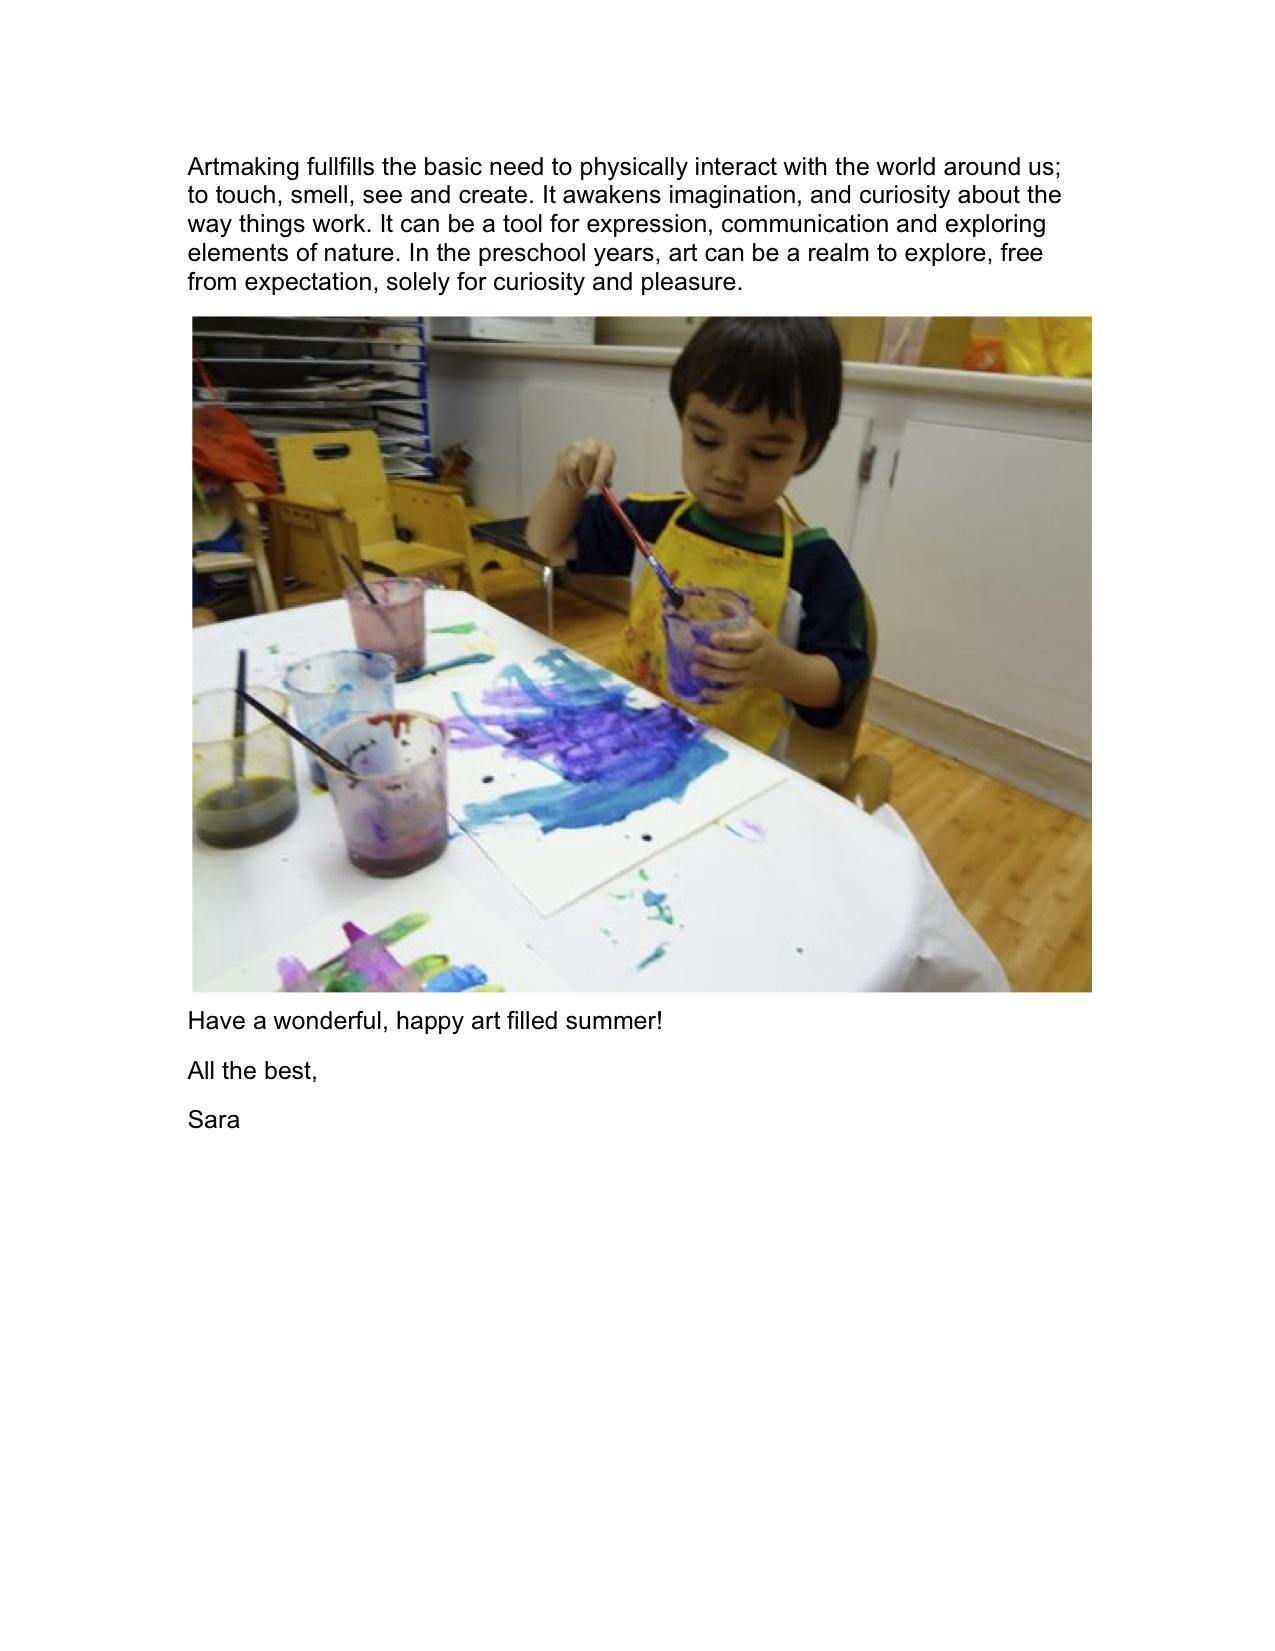 After School Art jpeg5.jpg